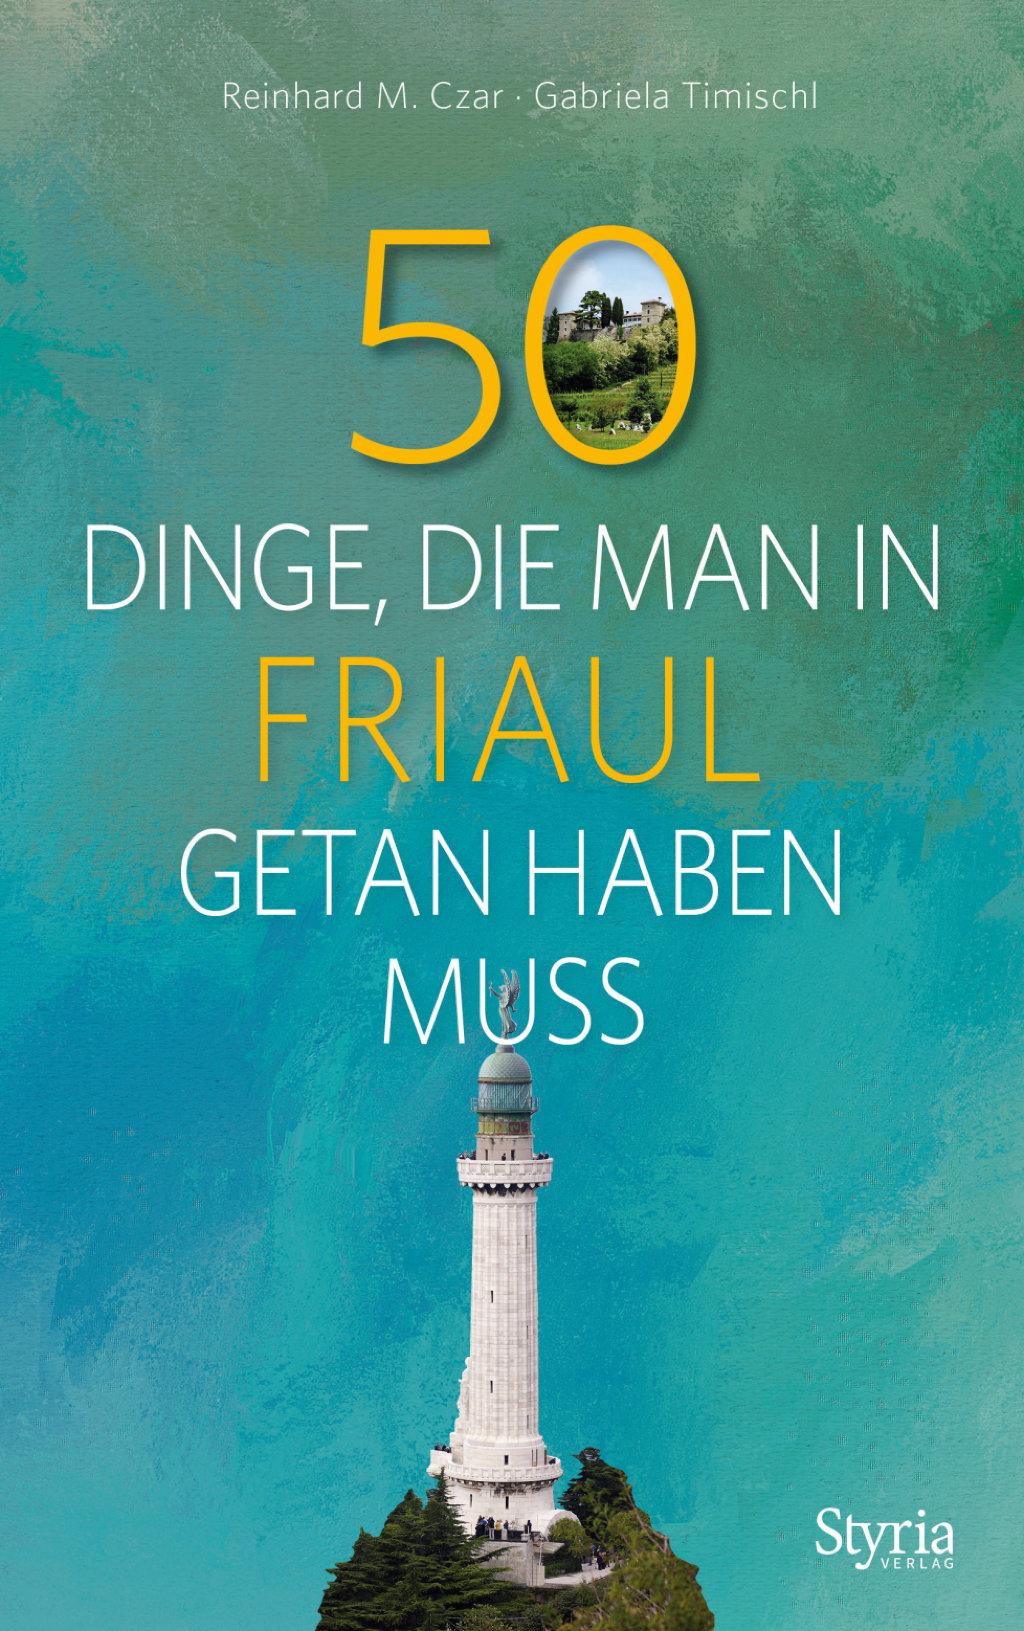 50 Dinge, die man in Friaul getan haben muss - styriabooks.at